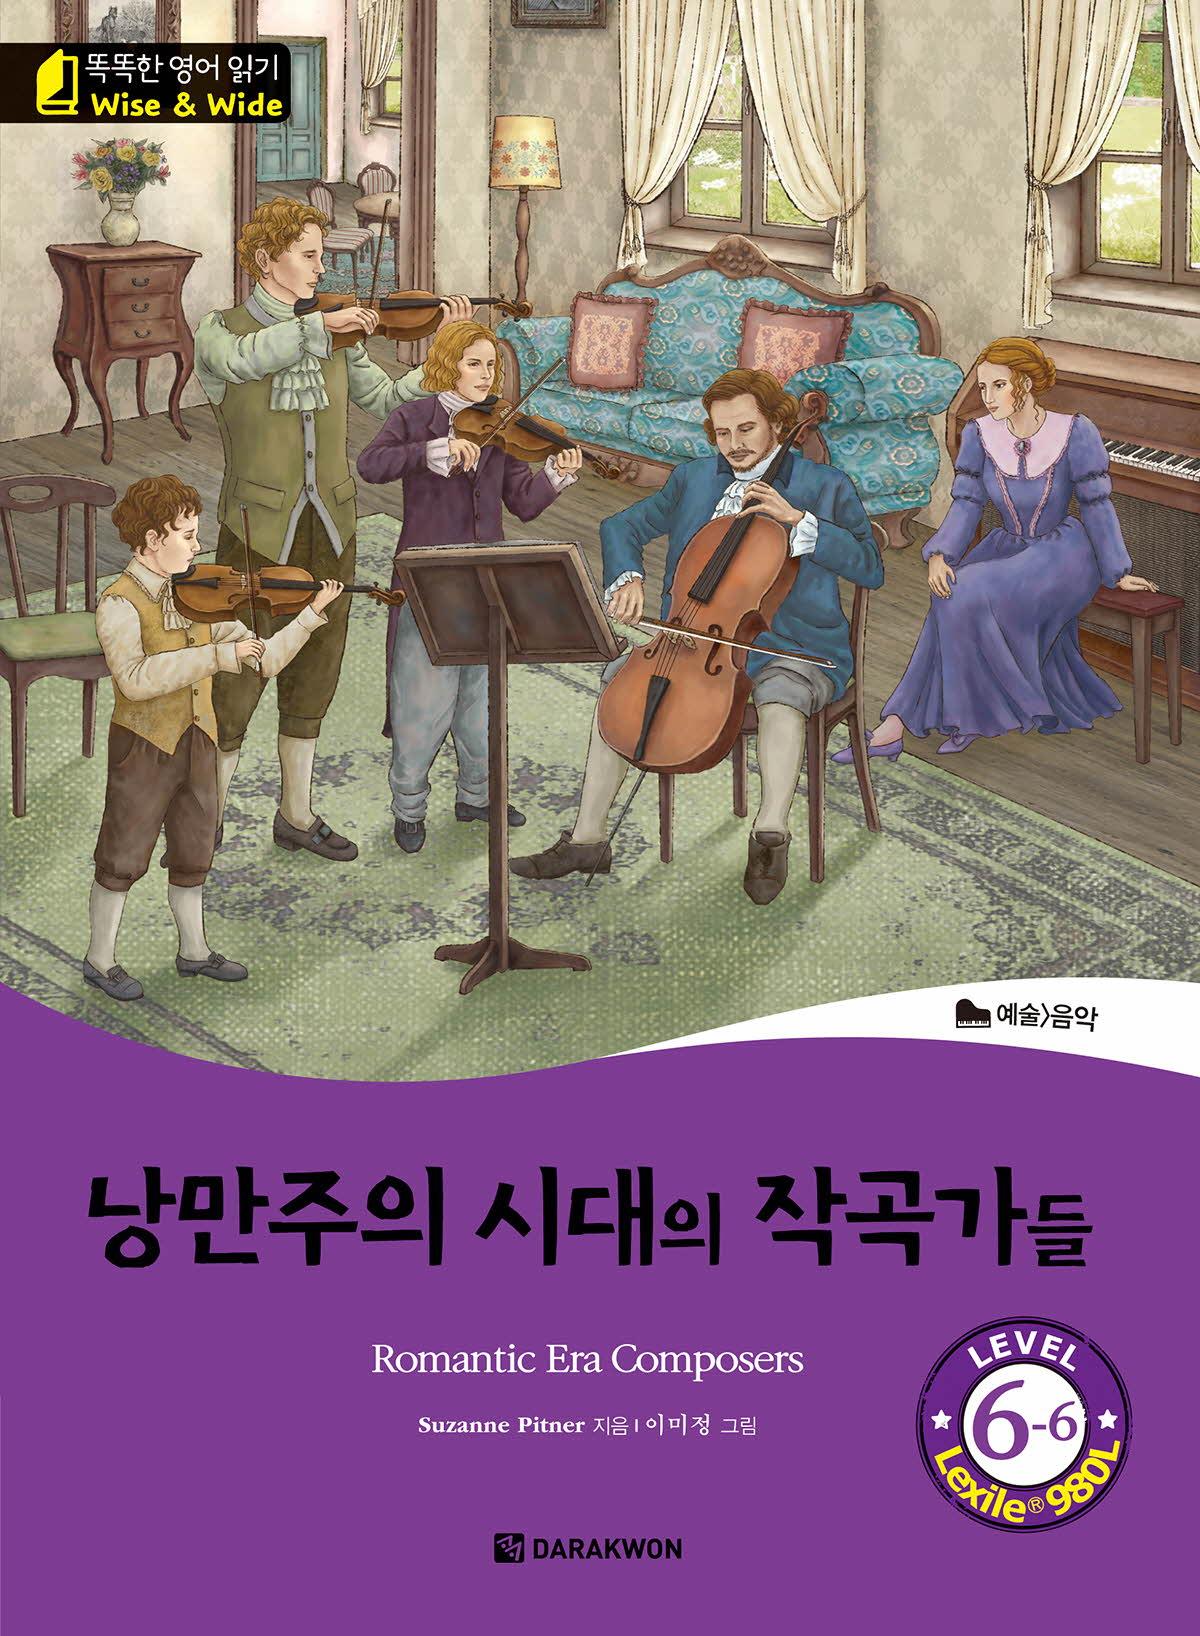 <a href='contents.php?CS_CODE=CS201803120056'>낭만주의 시대의 작곡가들 (Romantic Era Composers)</a> 책표지